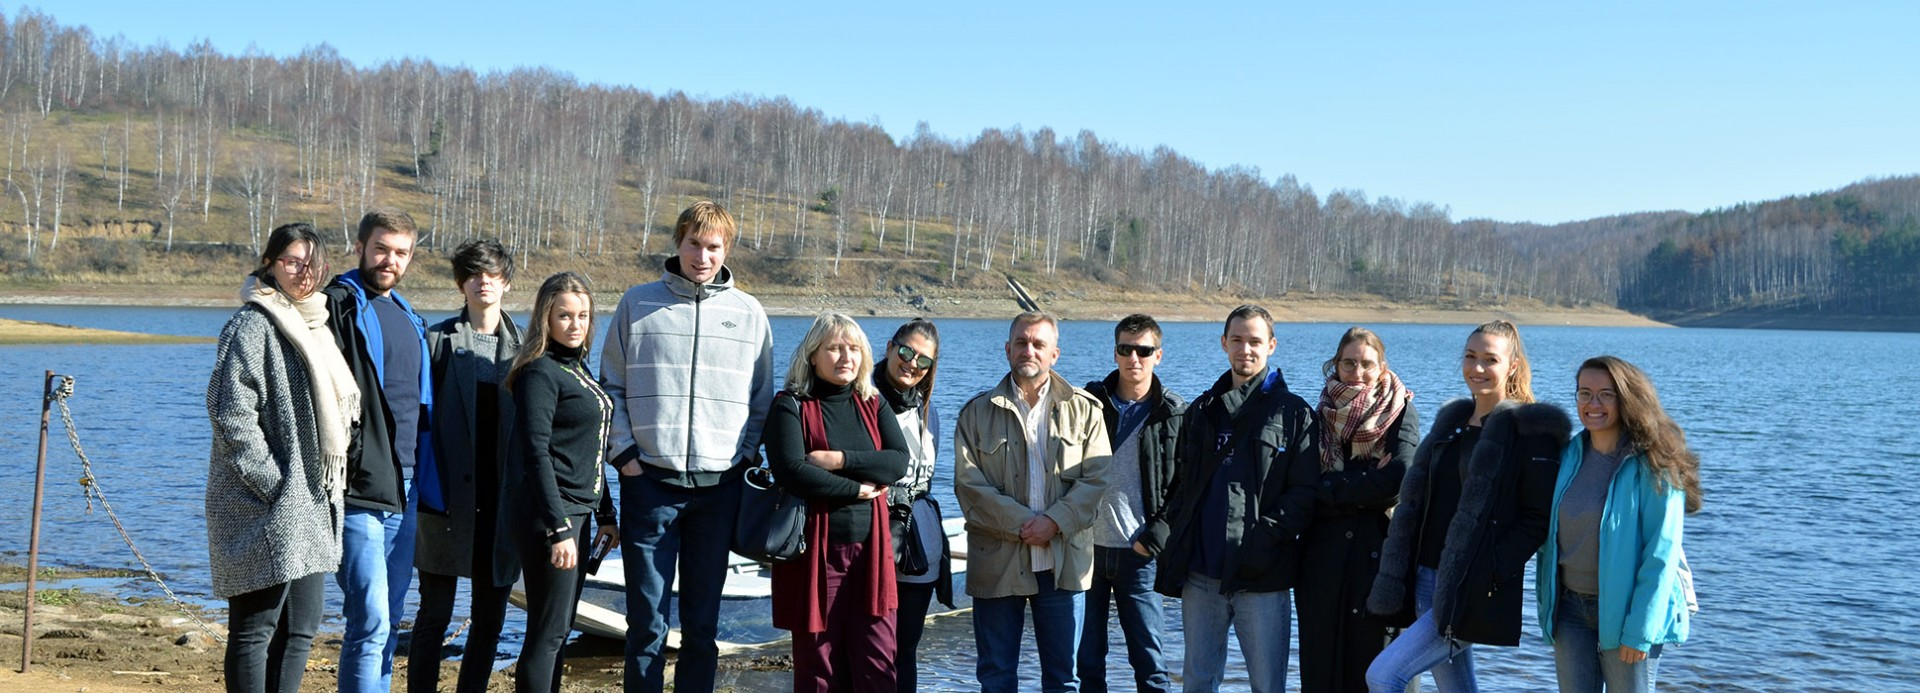 Студенти друге године МАСА у посети Власини: дводневно теренско истраживањe и обилазак предметне локације